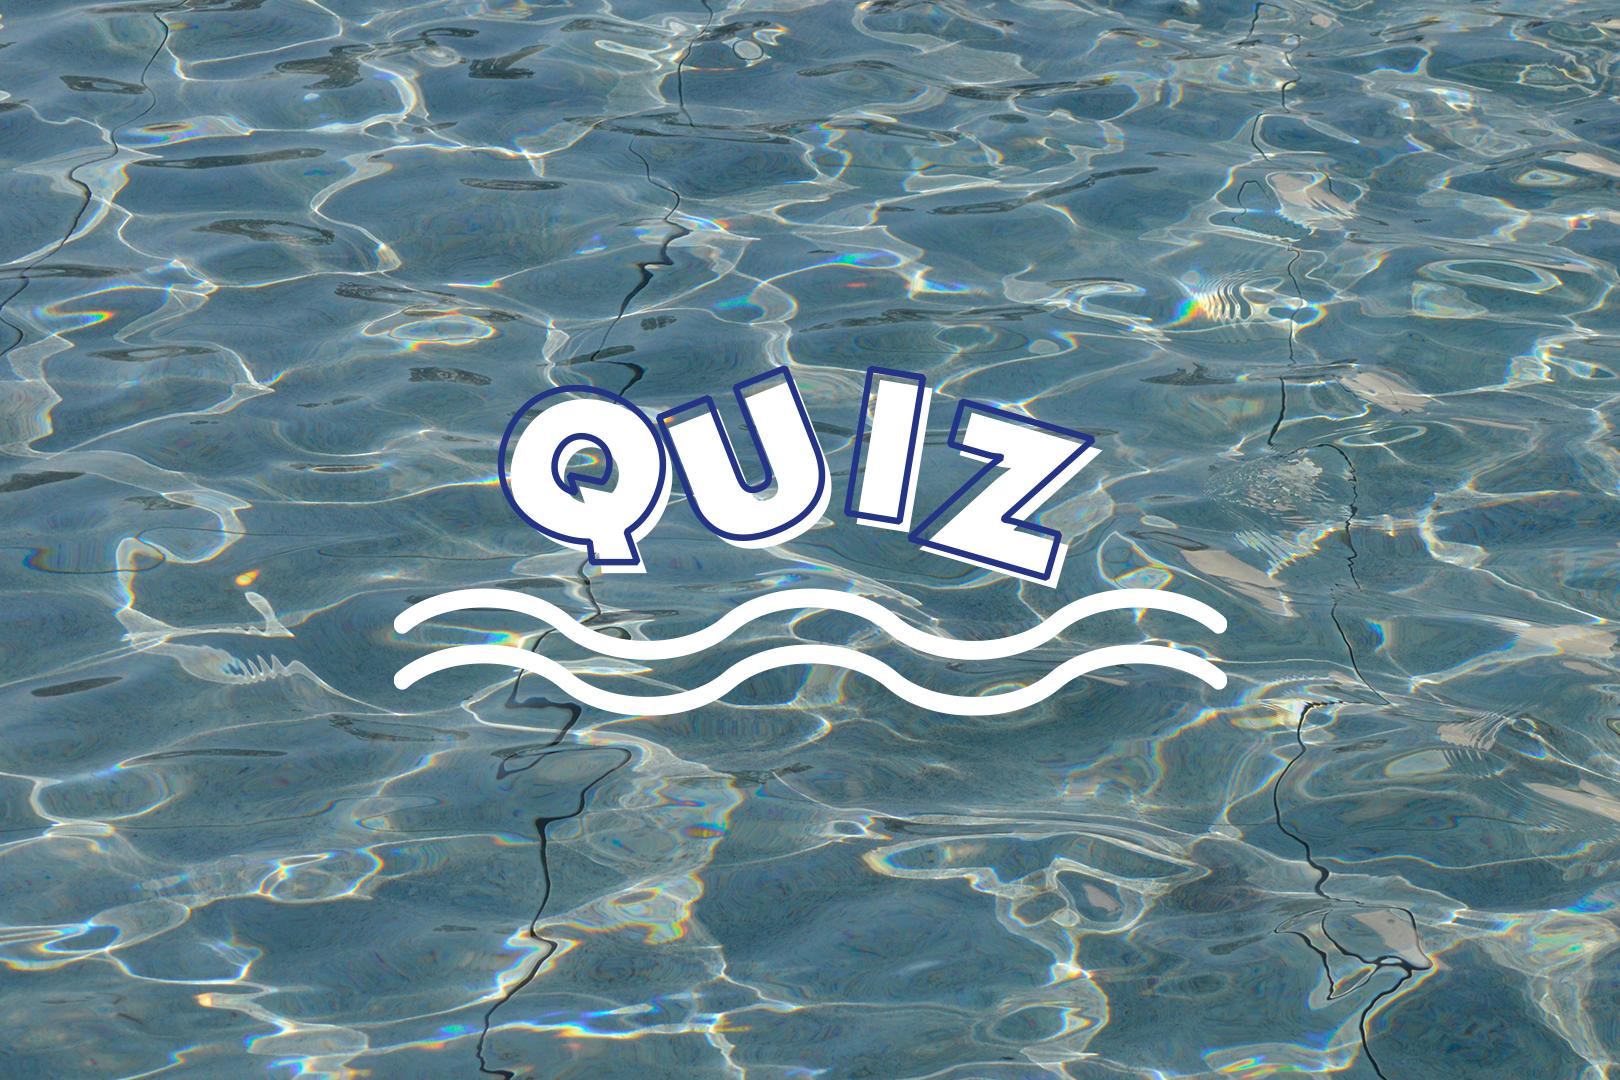 Connaissons-nous vraiment bien l'eau ?